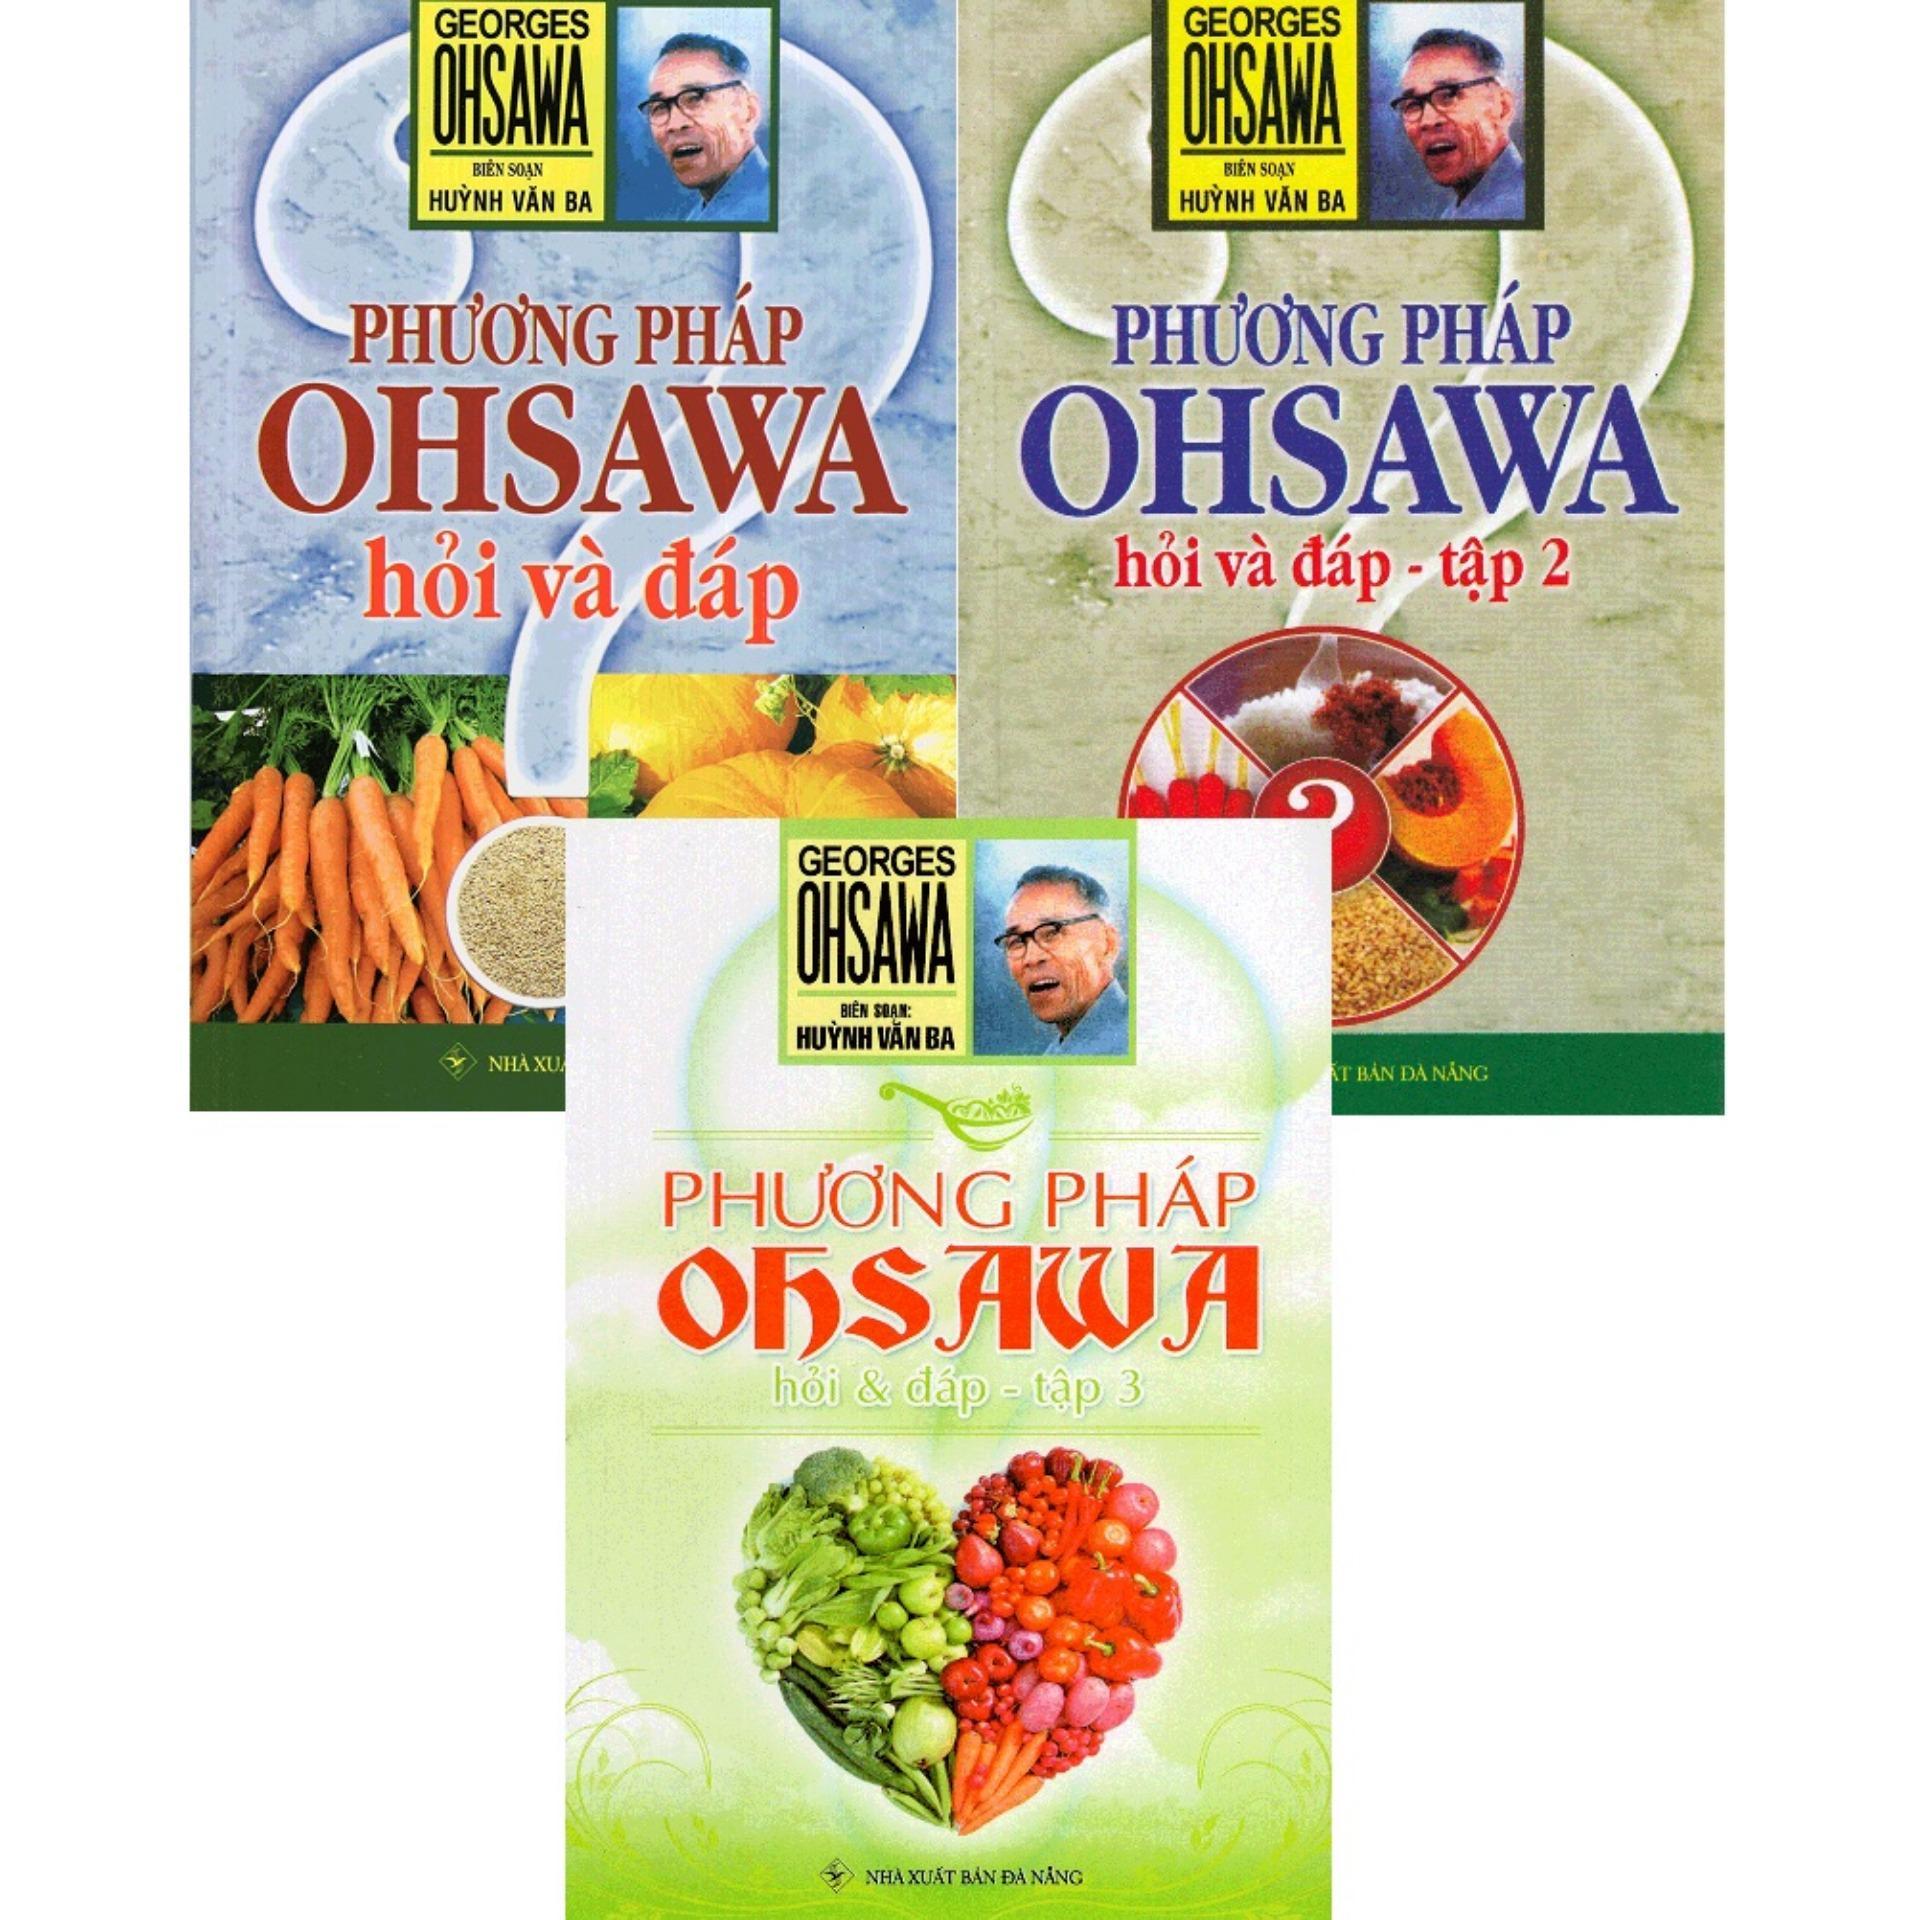 Mua Phương Pháp Ohsawa Hỏi Và Đáp - Bộ 3 Tập